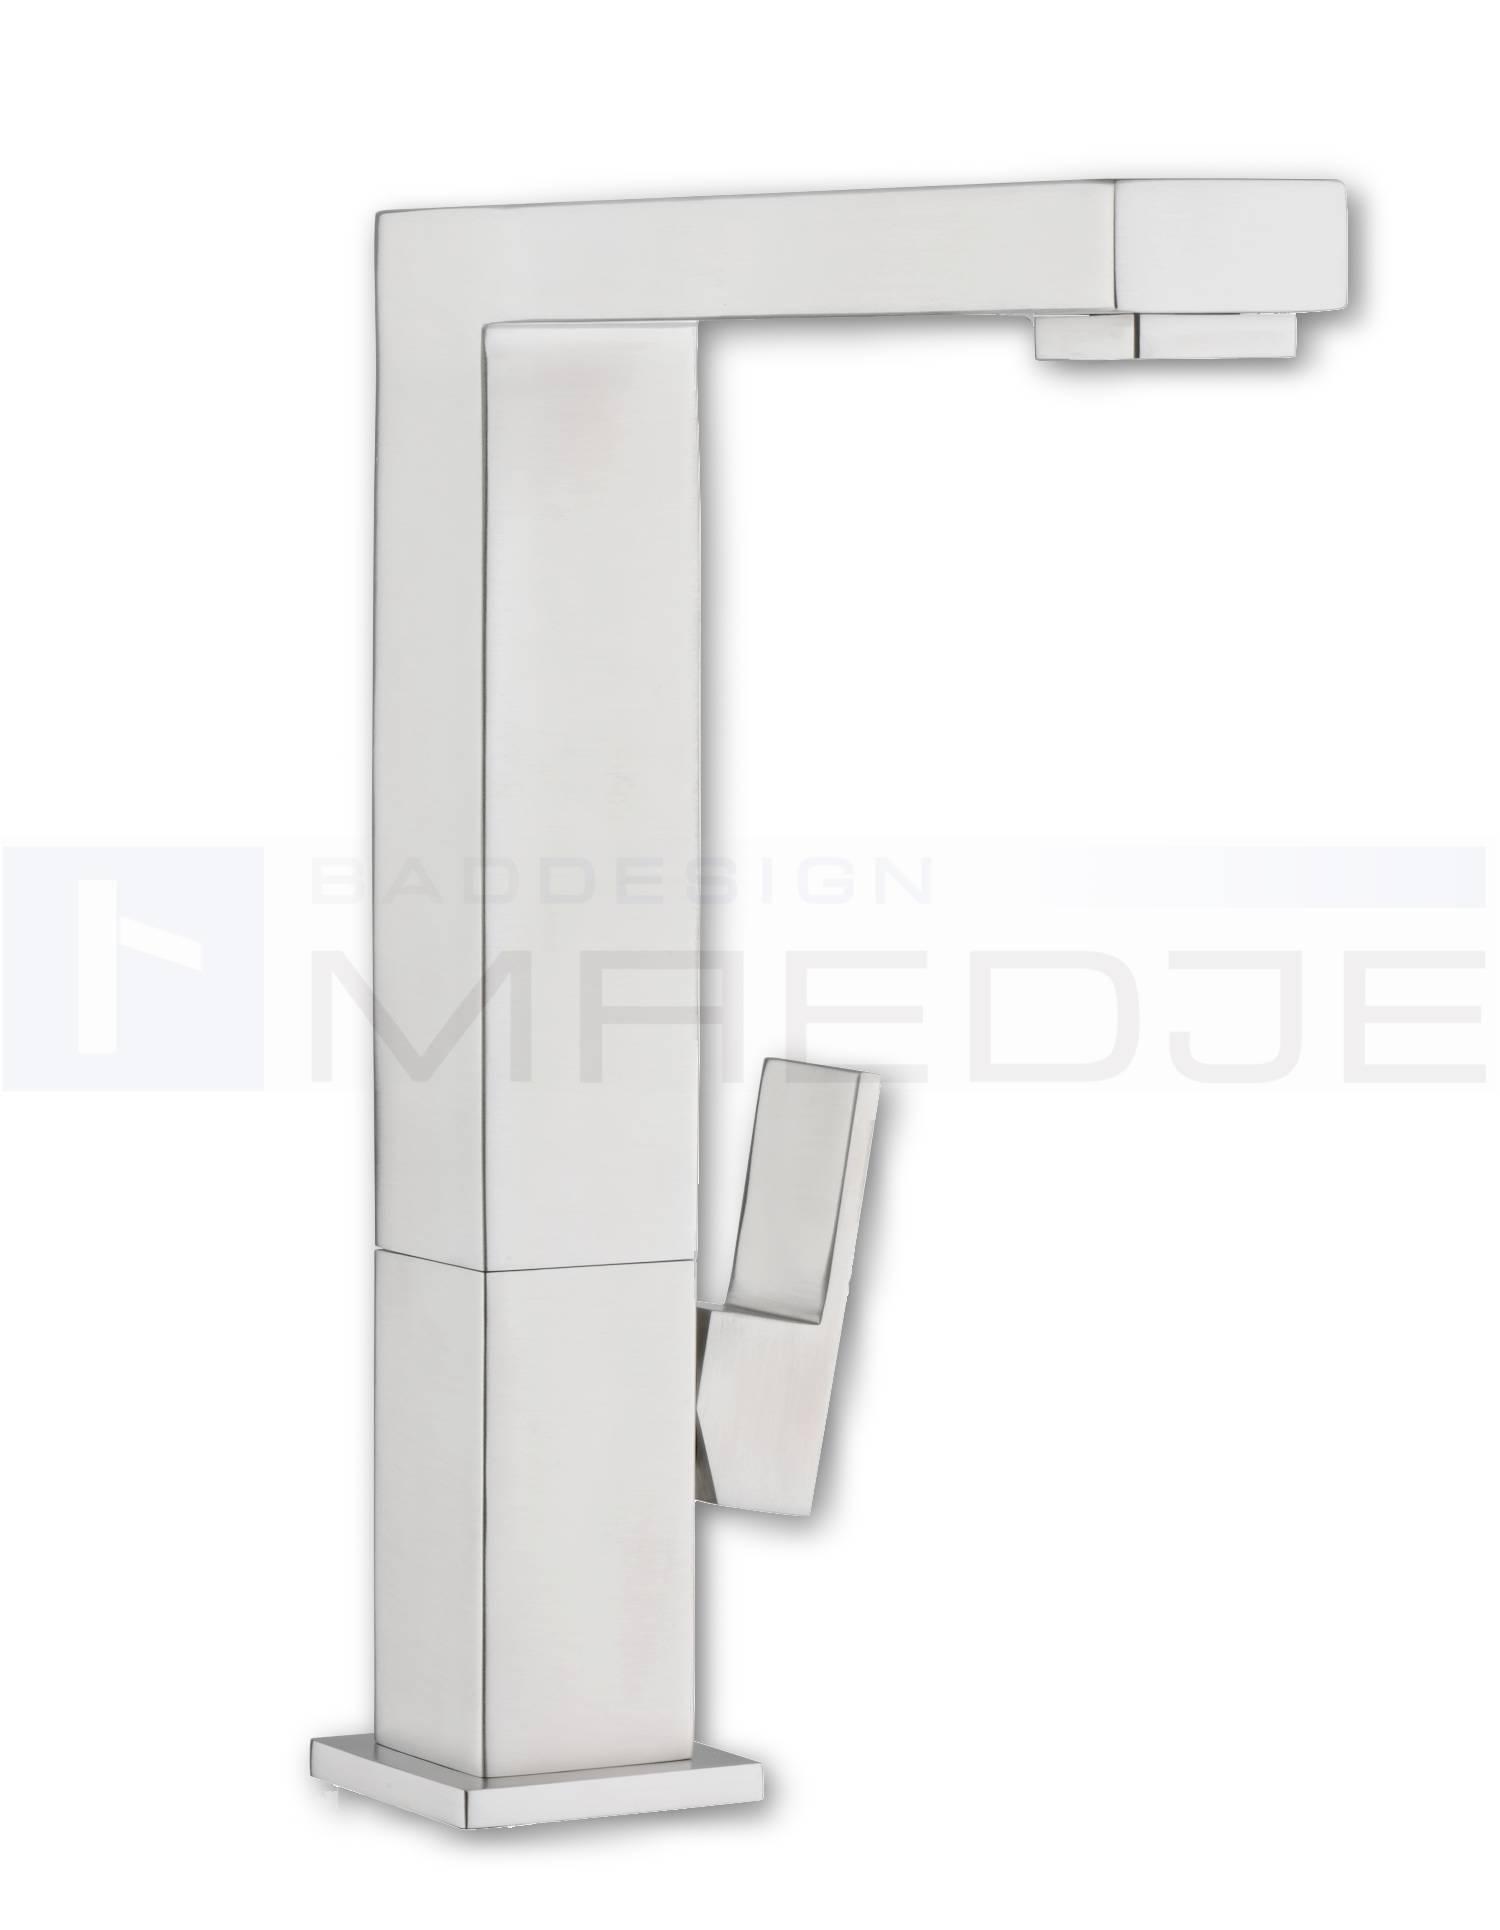 design quadro edelstahl k chen armatur q11 matt. Black Bedroom Furniture Sets. Home Design Ideas